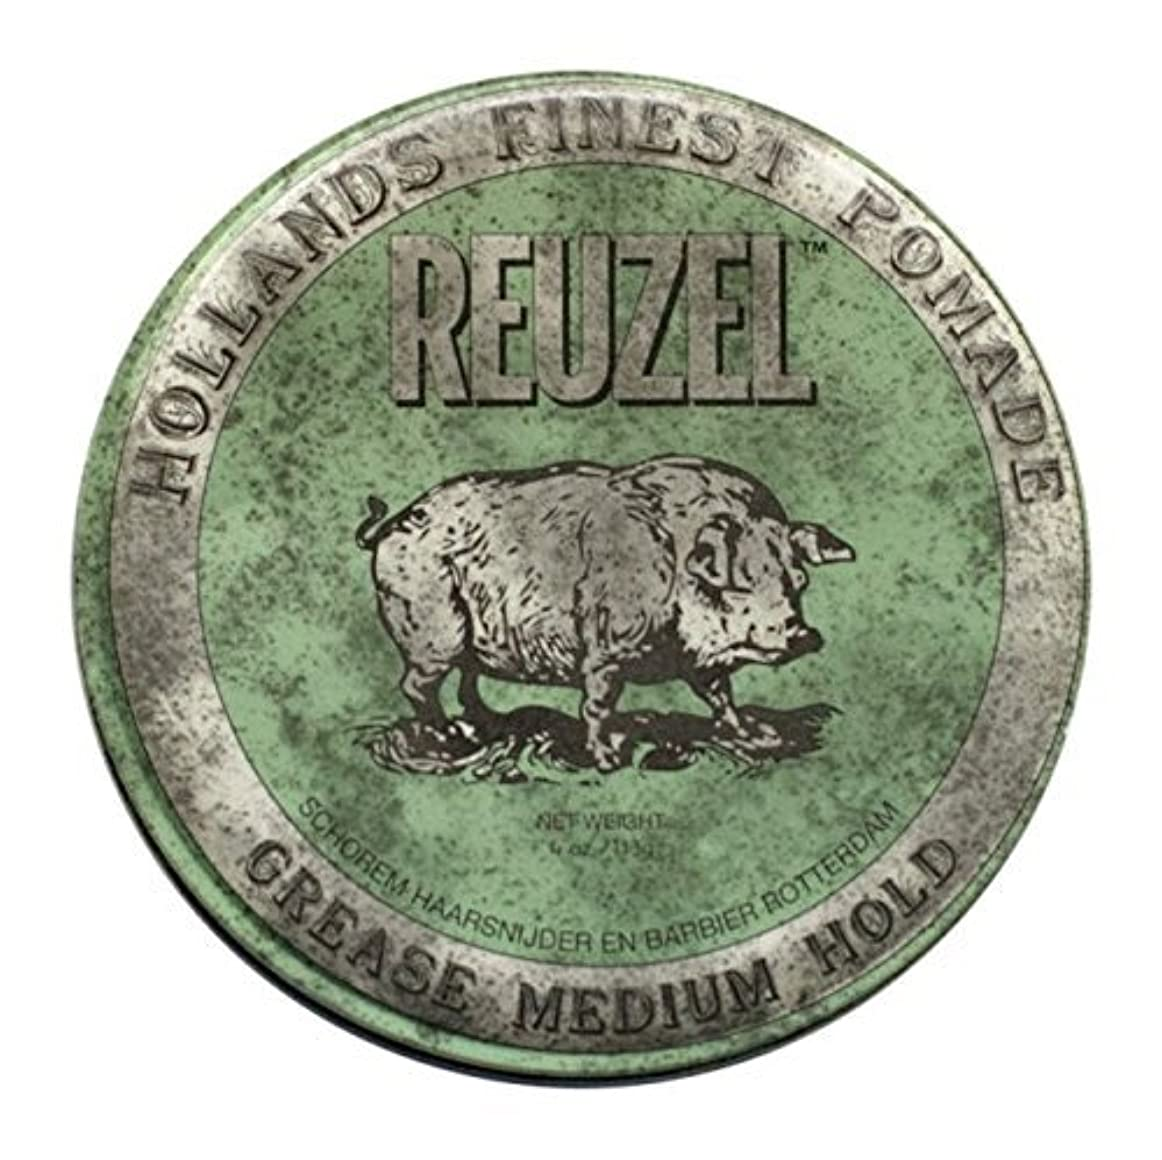 インド店員より良いREUZEL Grease Hold Hair Styling Pomade Piglet Wax/Gel, Medium, Green, 1.3 oz, 35g [並行輸入品]